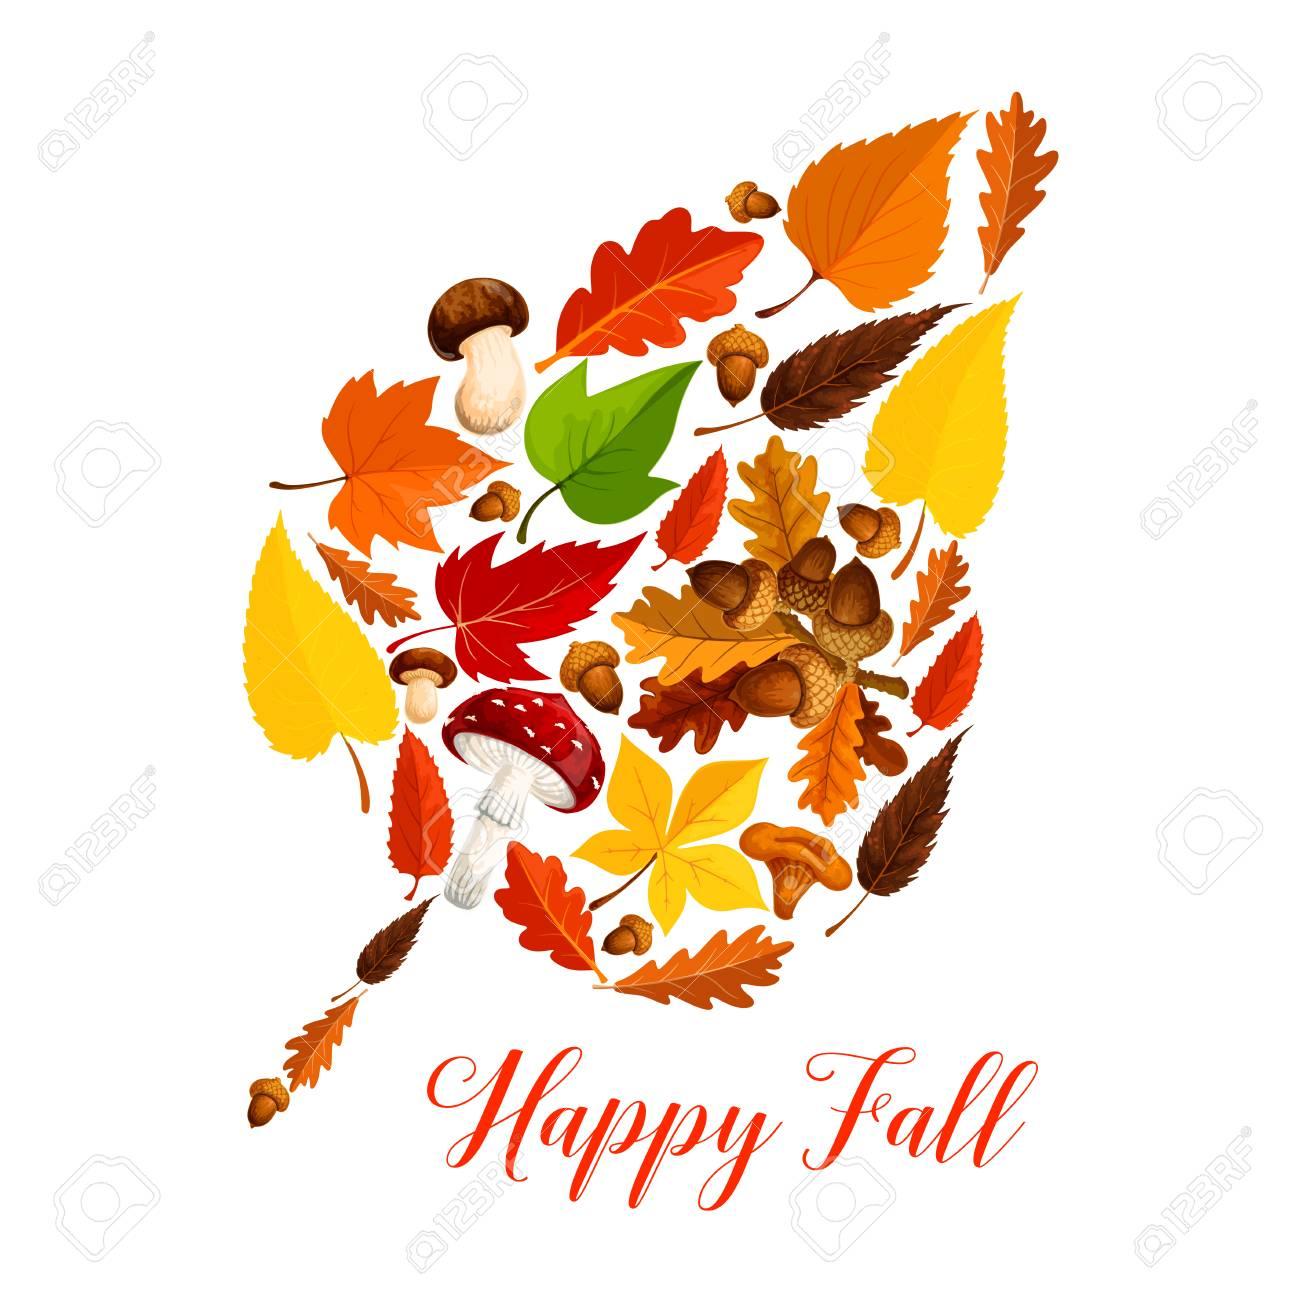 Autumn leaf with mushroom, fallen foliage, acorn - 83853584